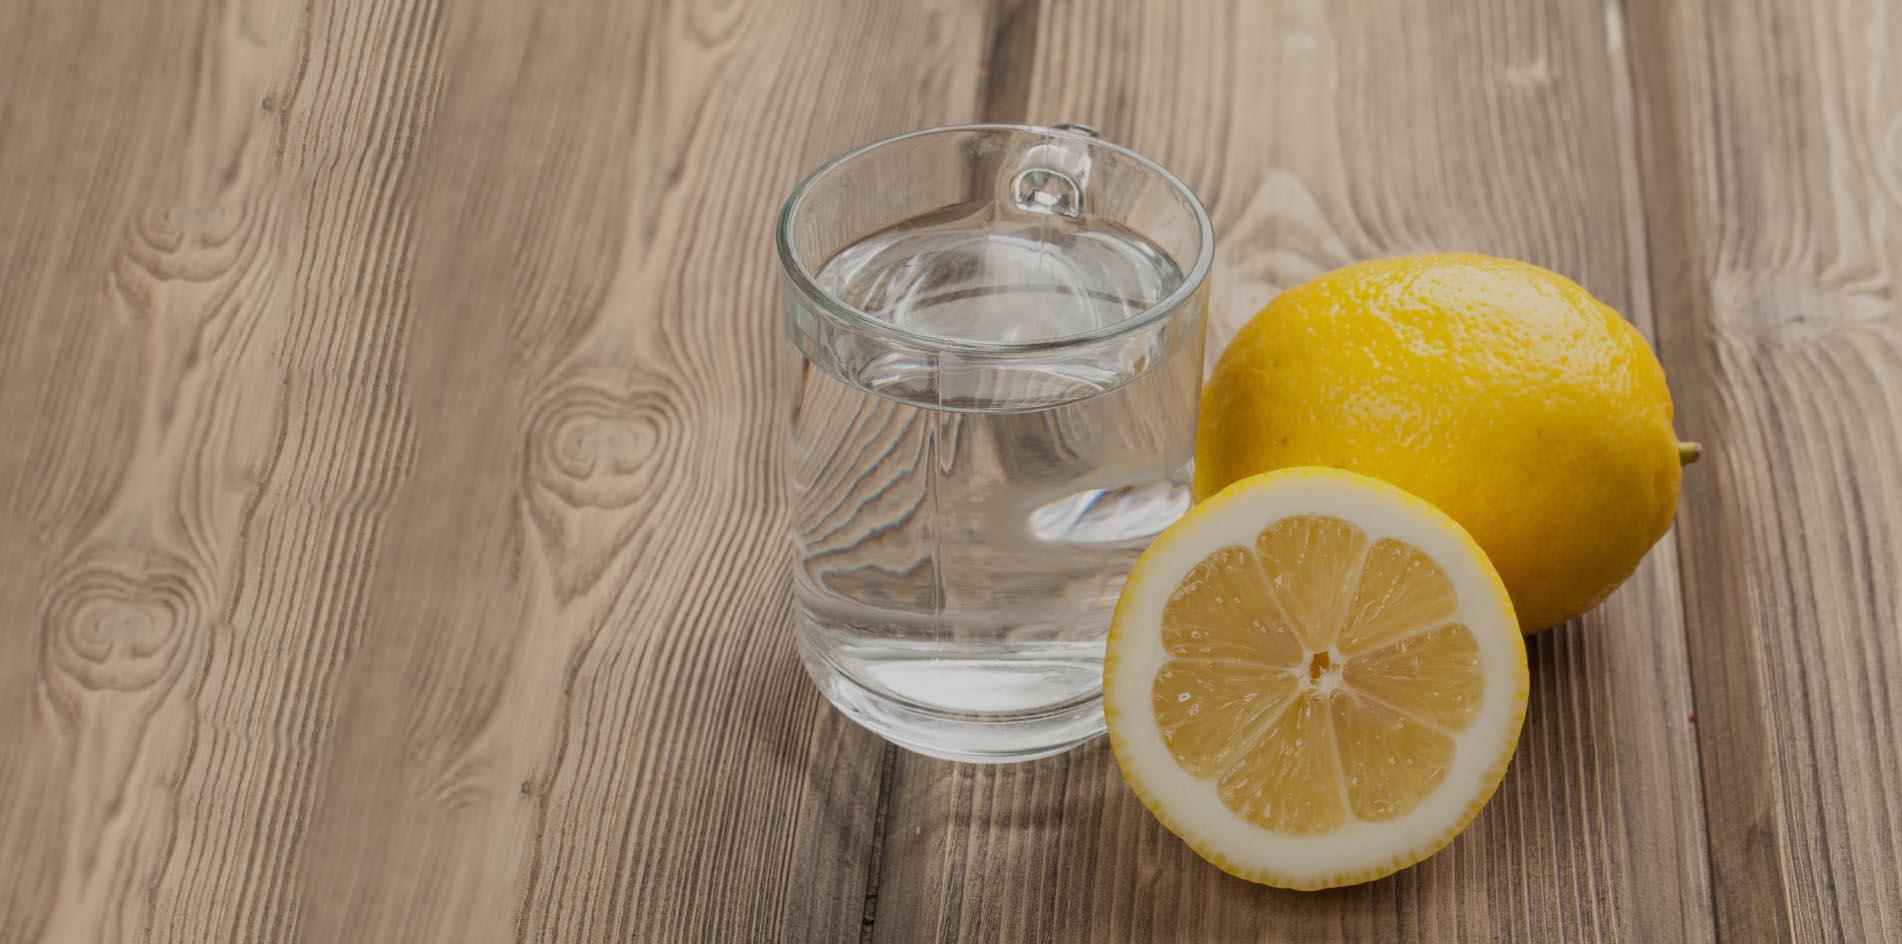 Nueva línea de extractos de fruta